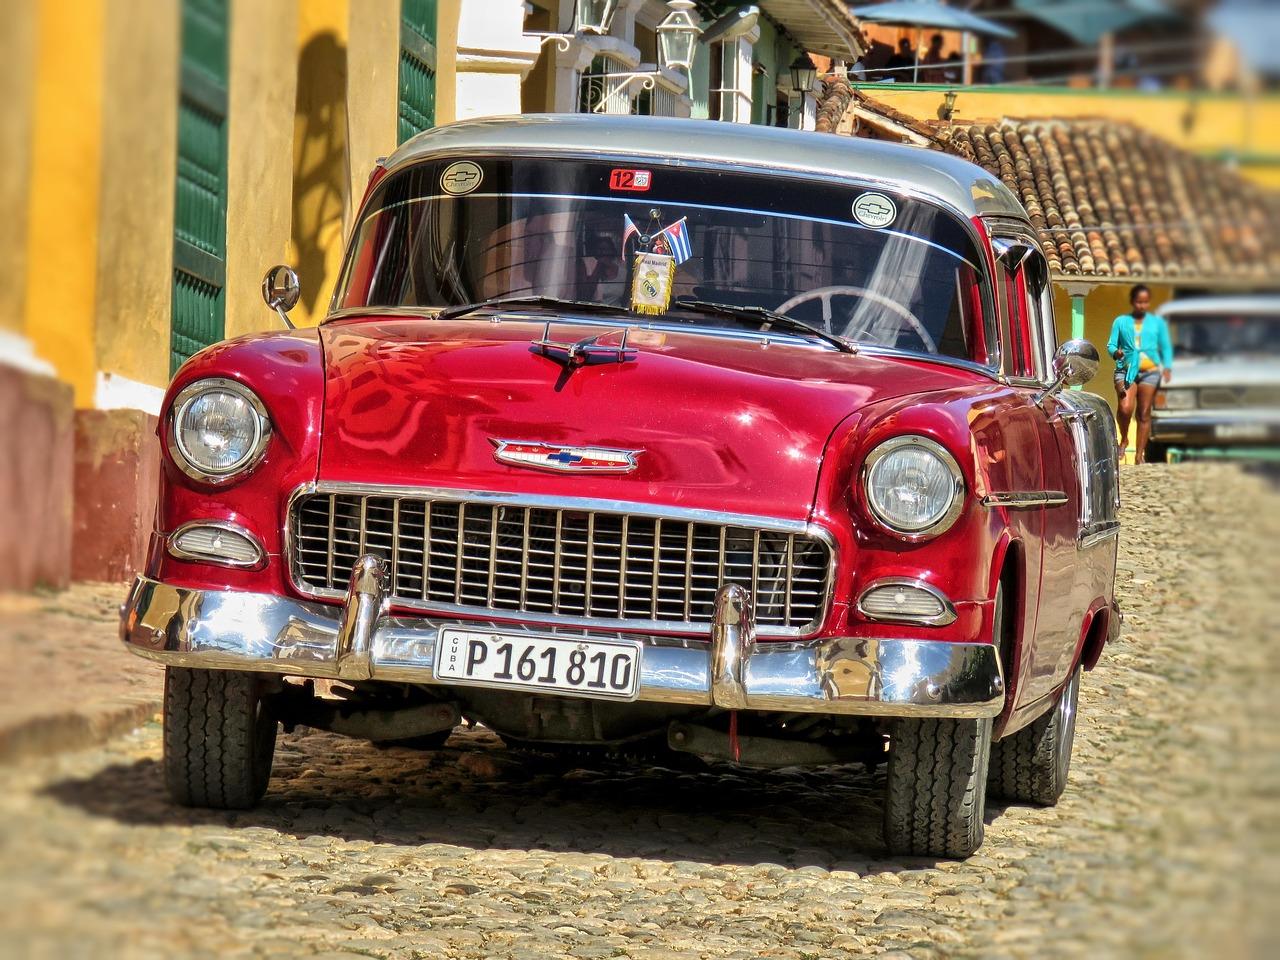 здесь размещены старые автомобили иномарки фото вот